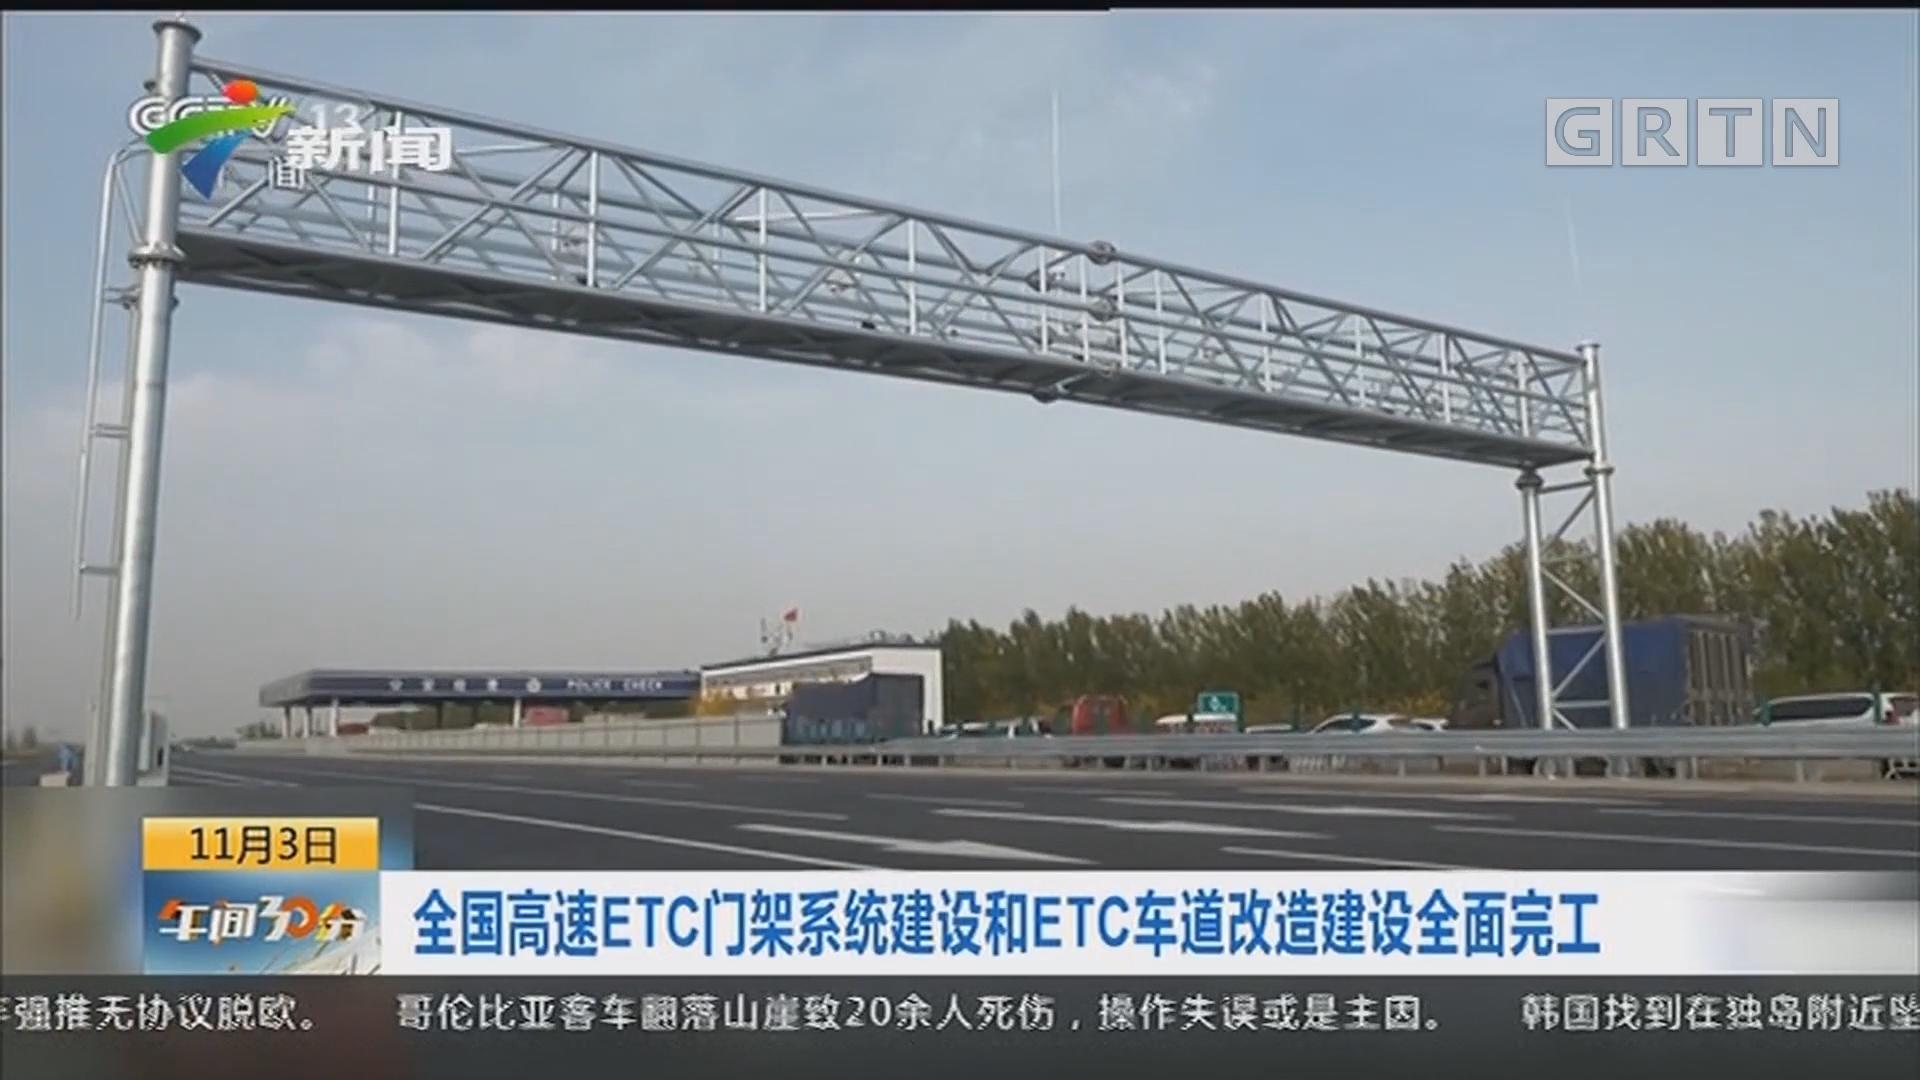 全国高速ETC门架系统建设和ETC车道改造建设全面完工